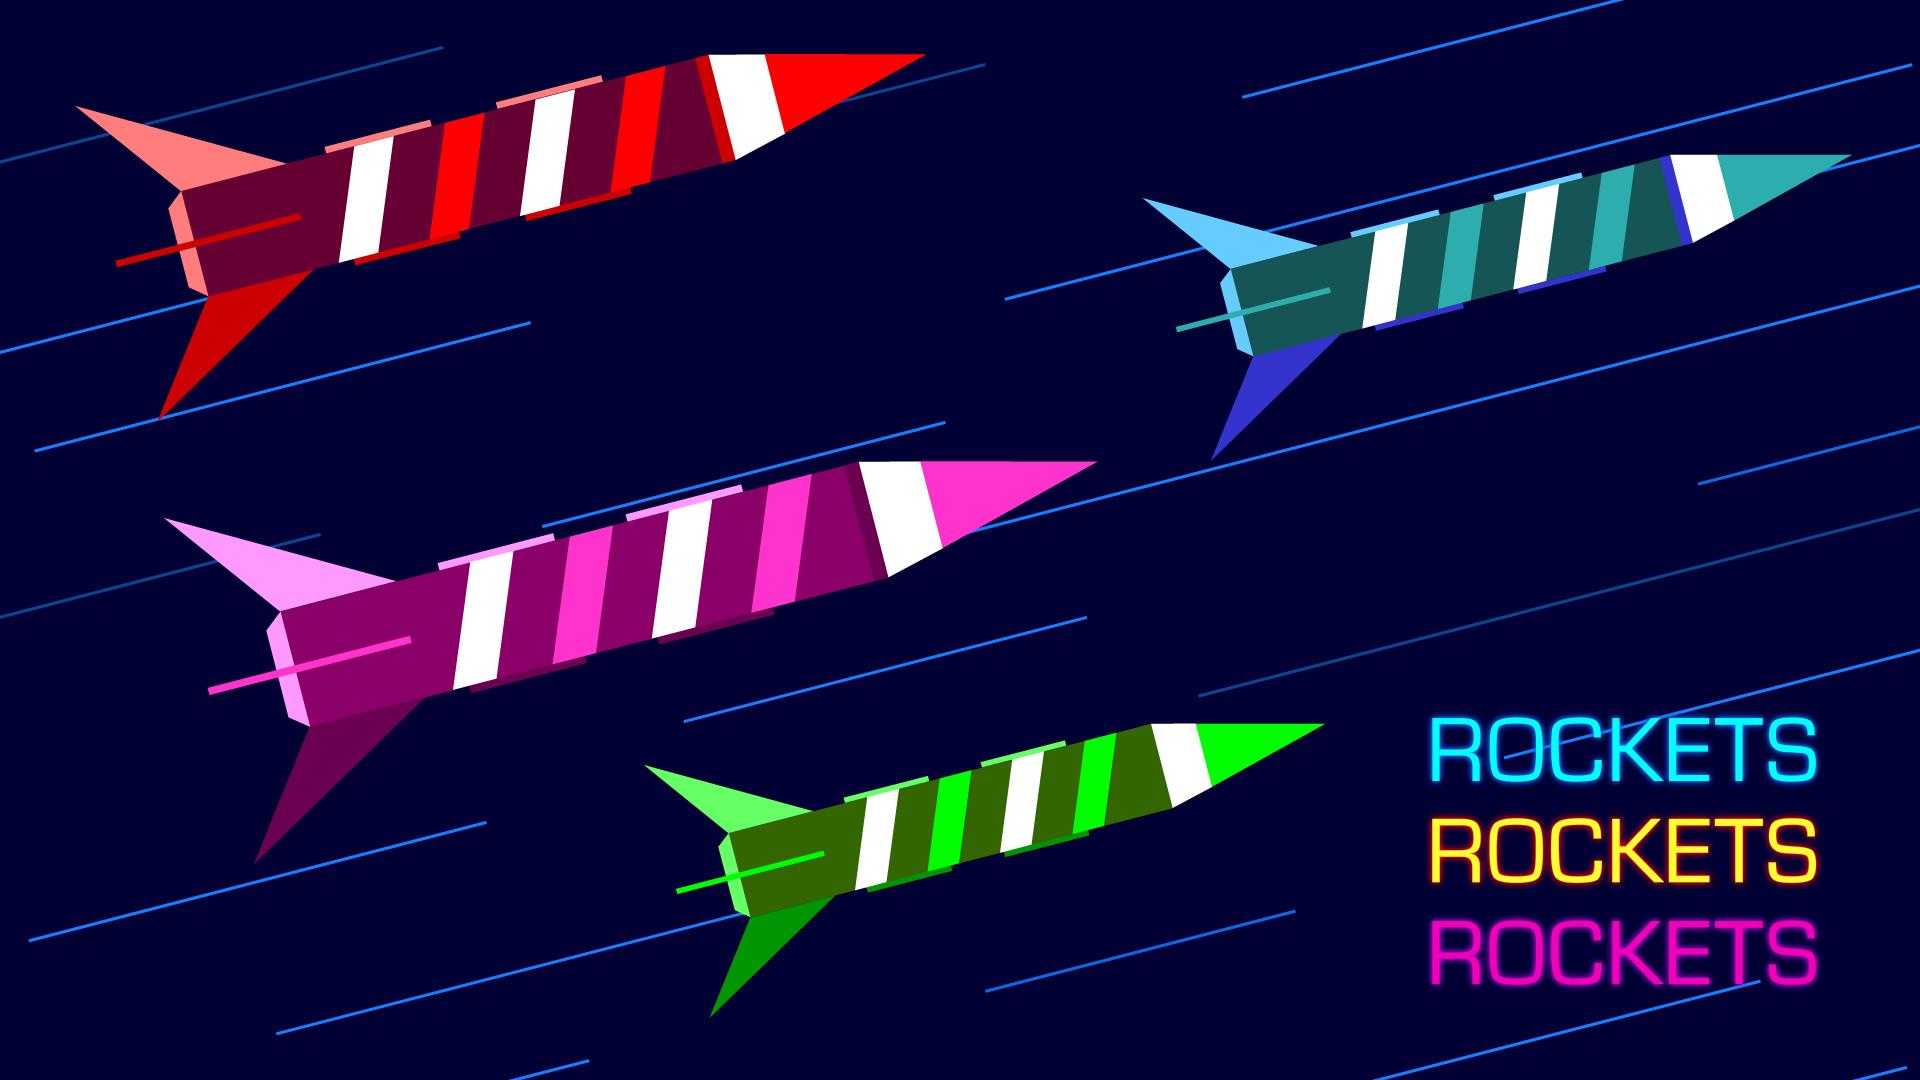 Rocketsrocketsrockets online dating